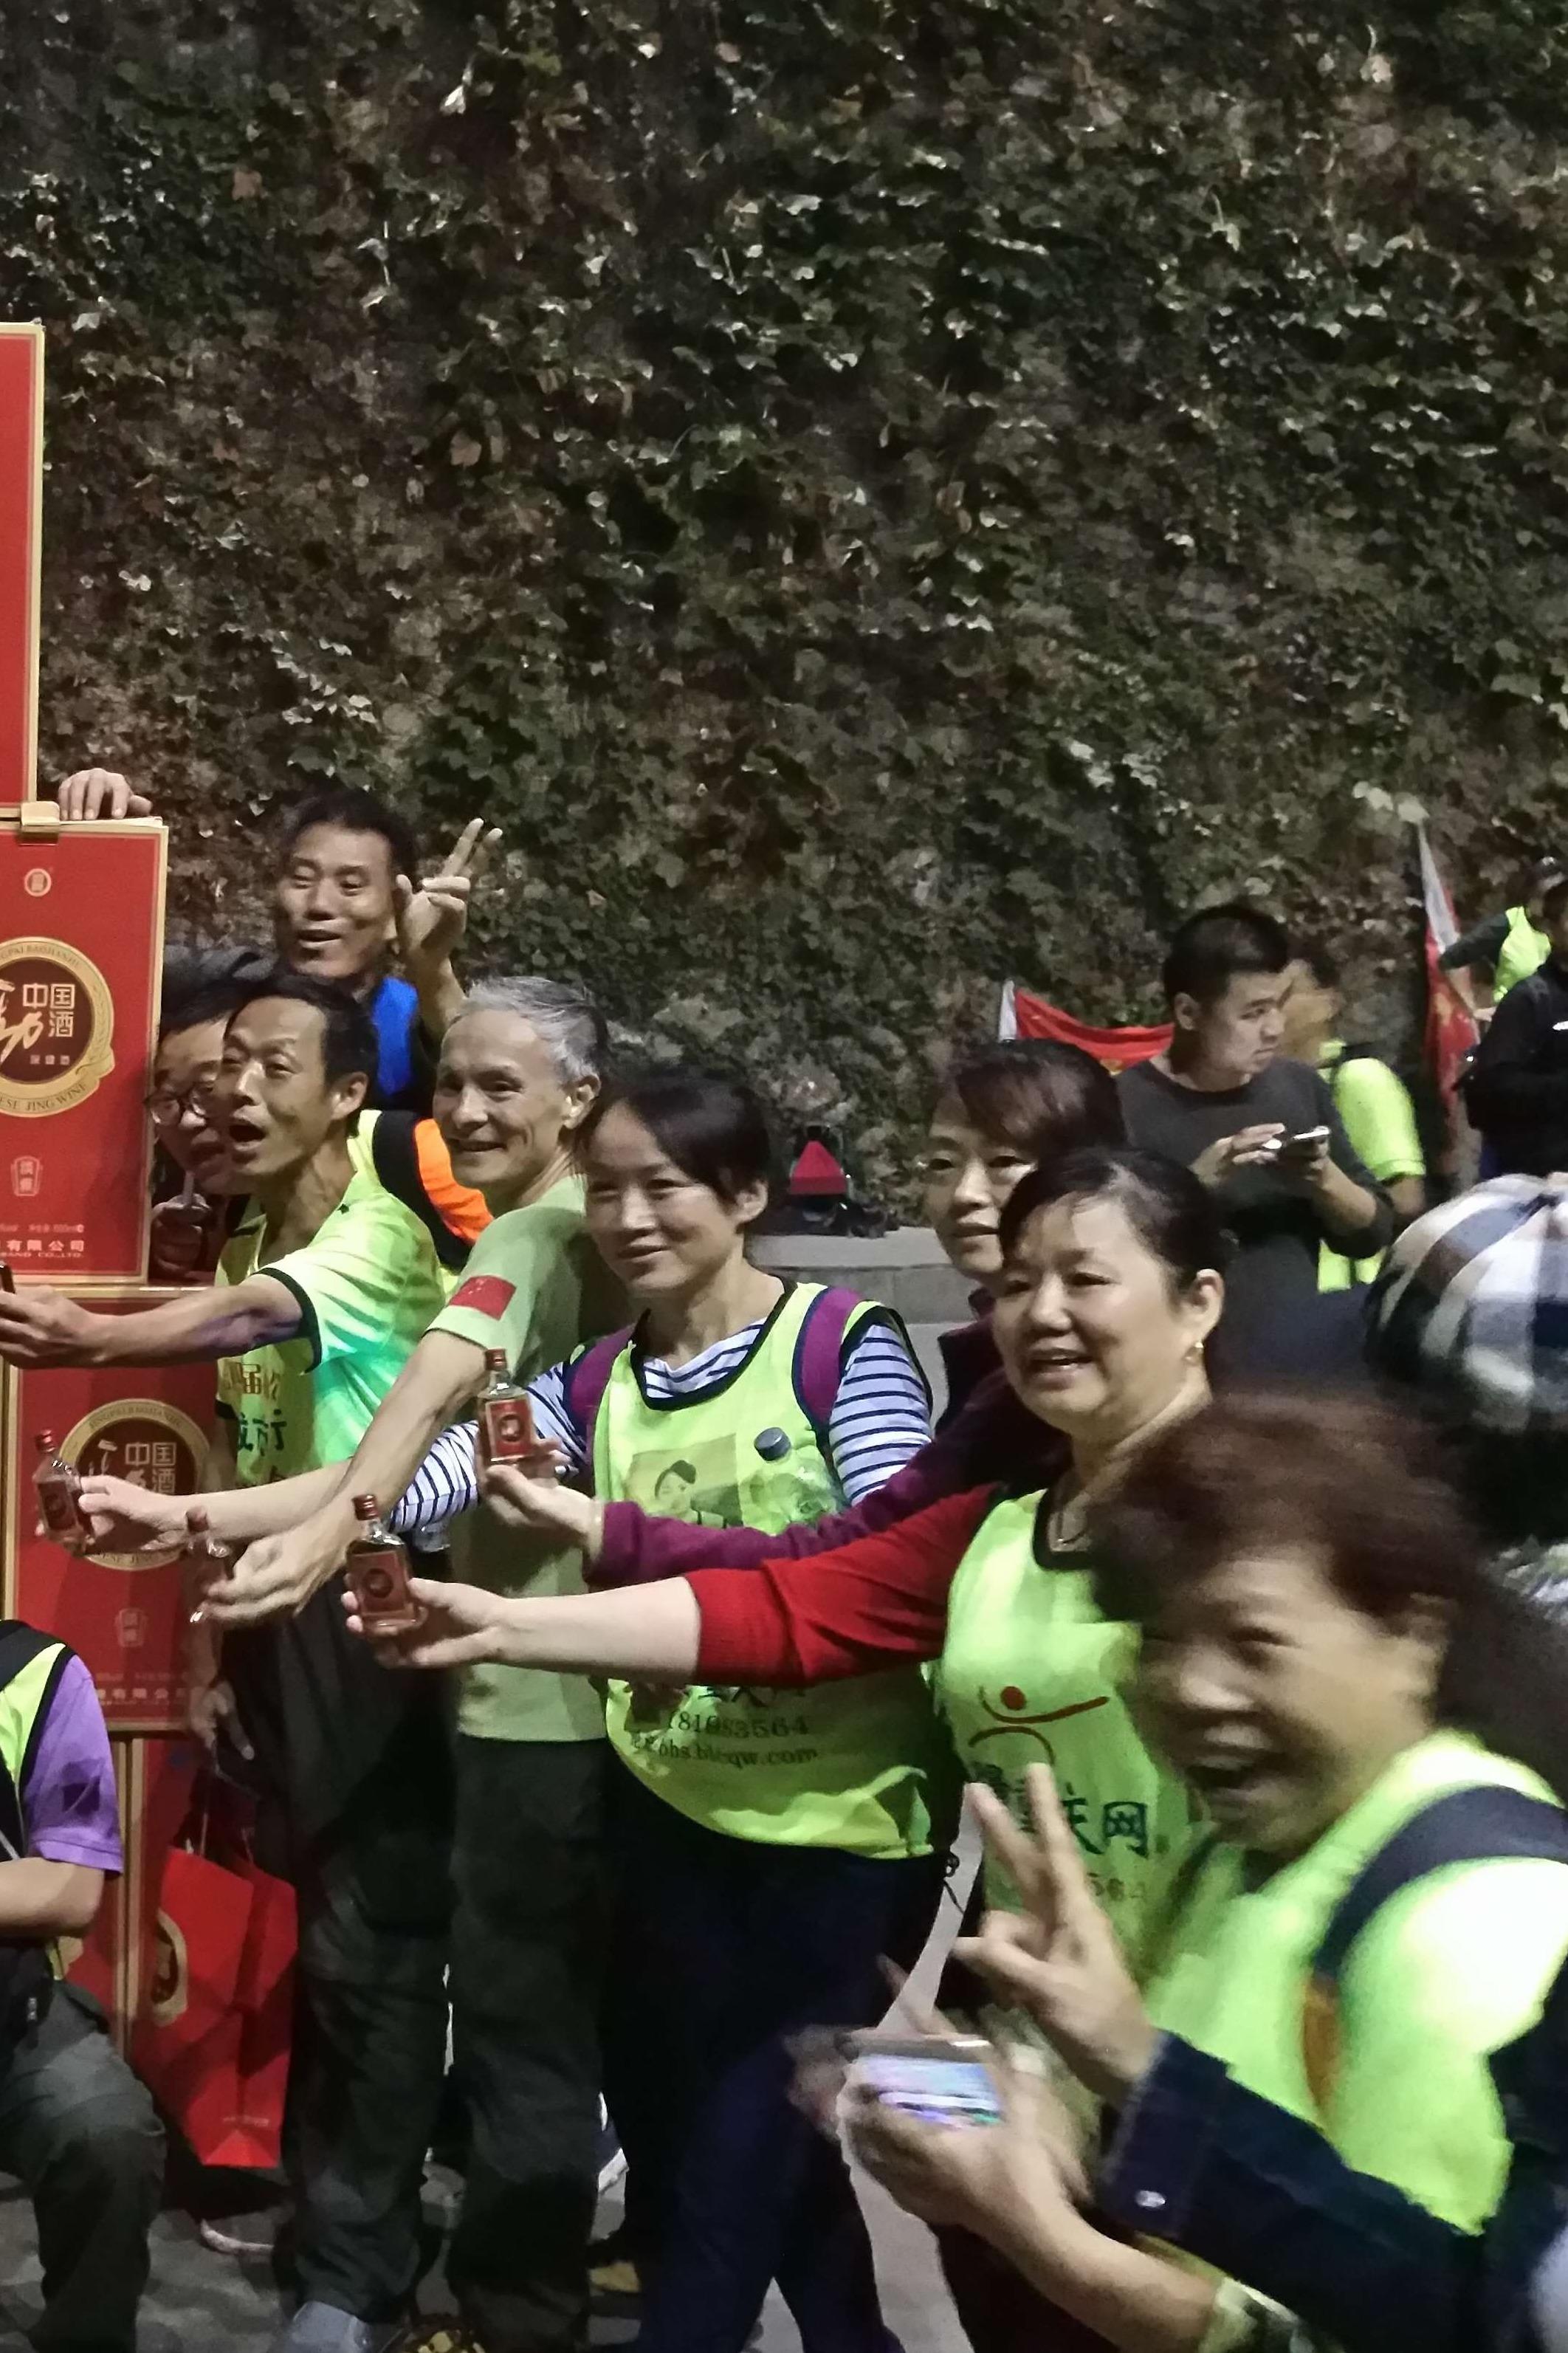 2017.02.03城市徒步—九滨南滨隔江行-上